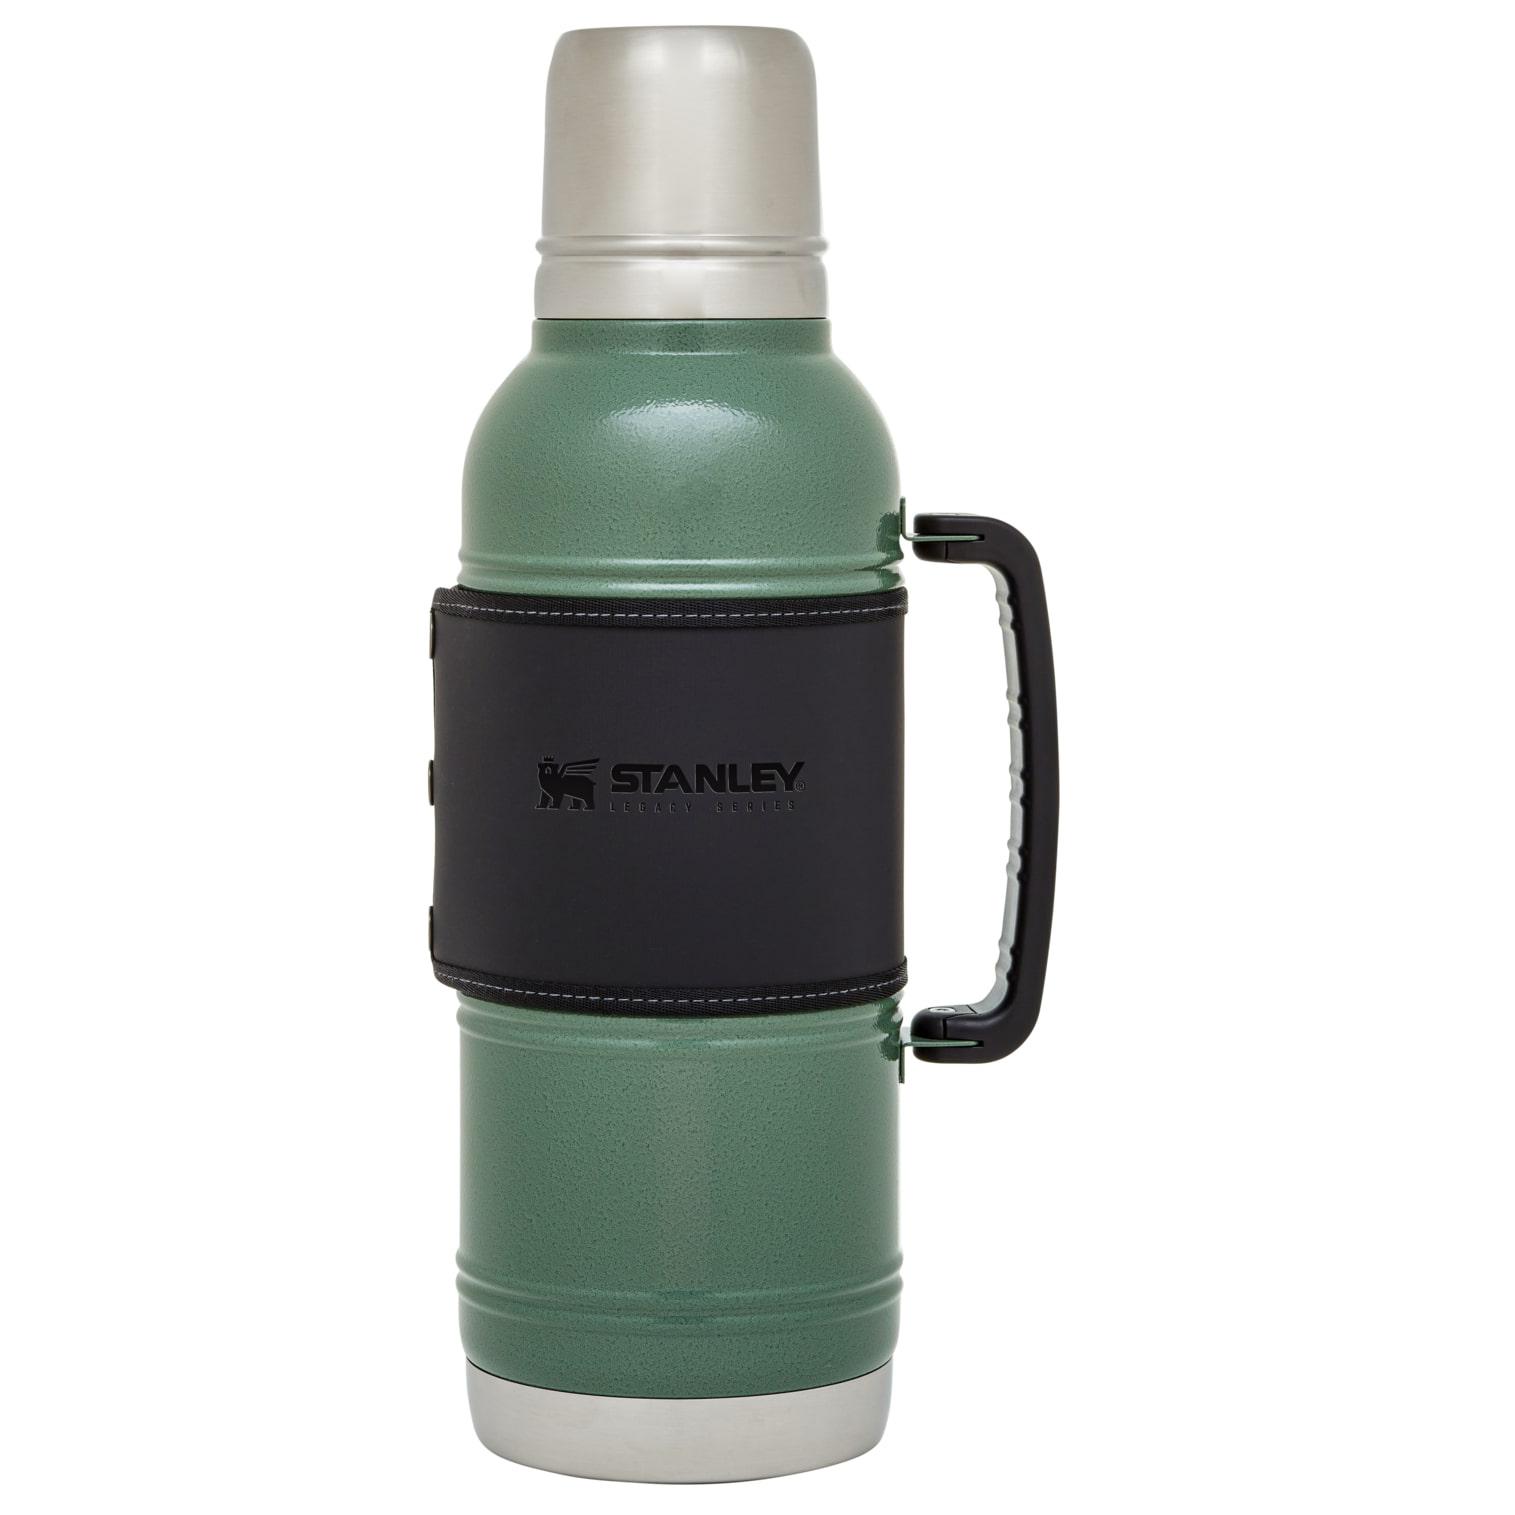 Bình Giữ Nhiệt Stanley Legacy Quadvac 1.9L - Green